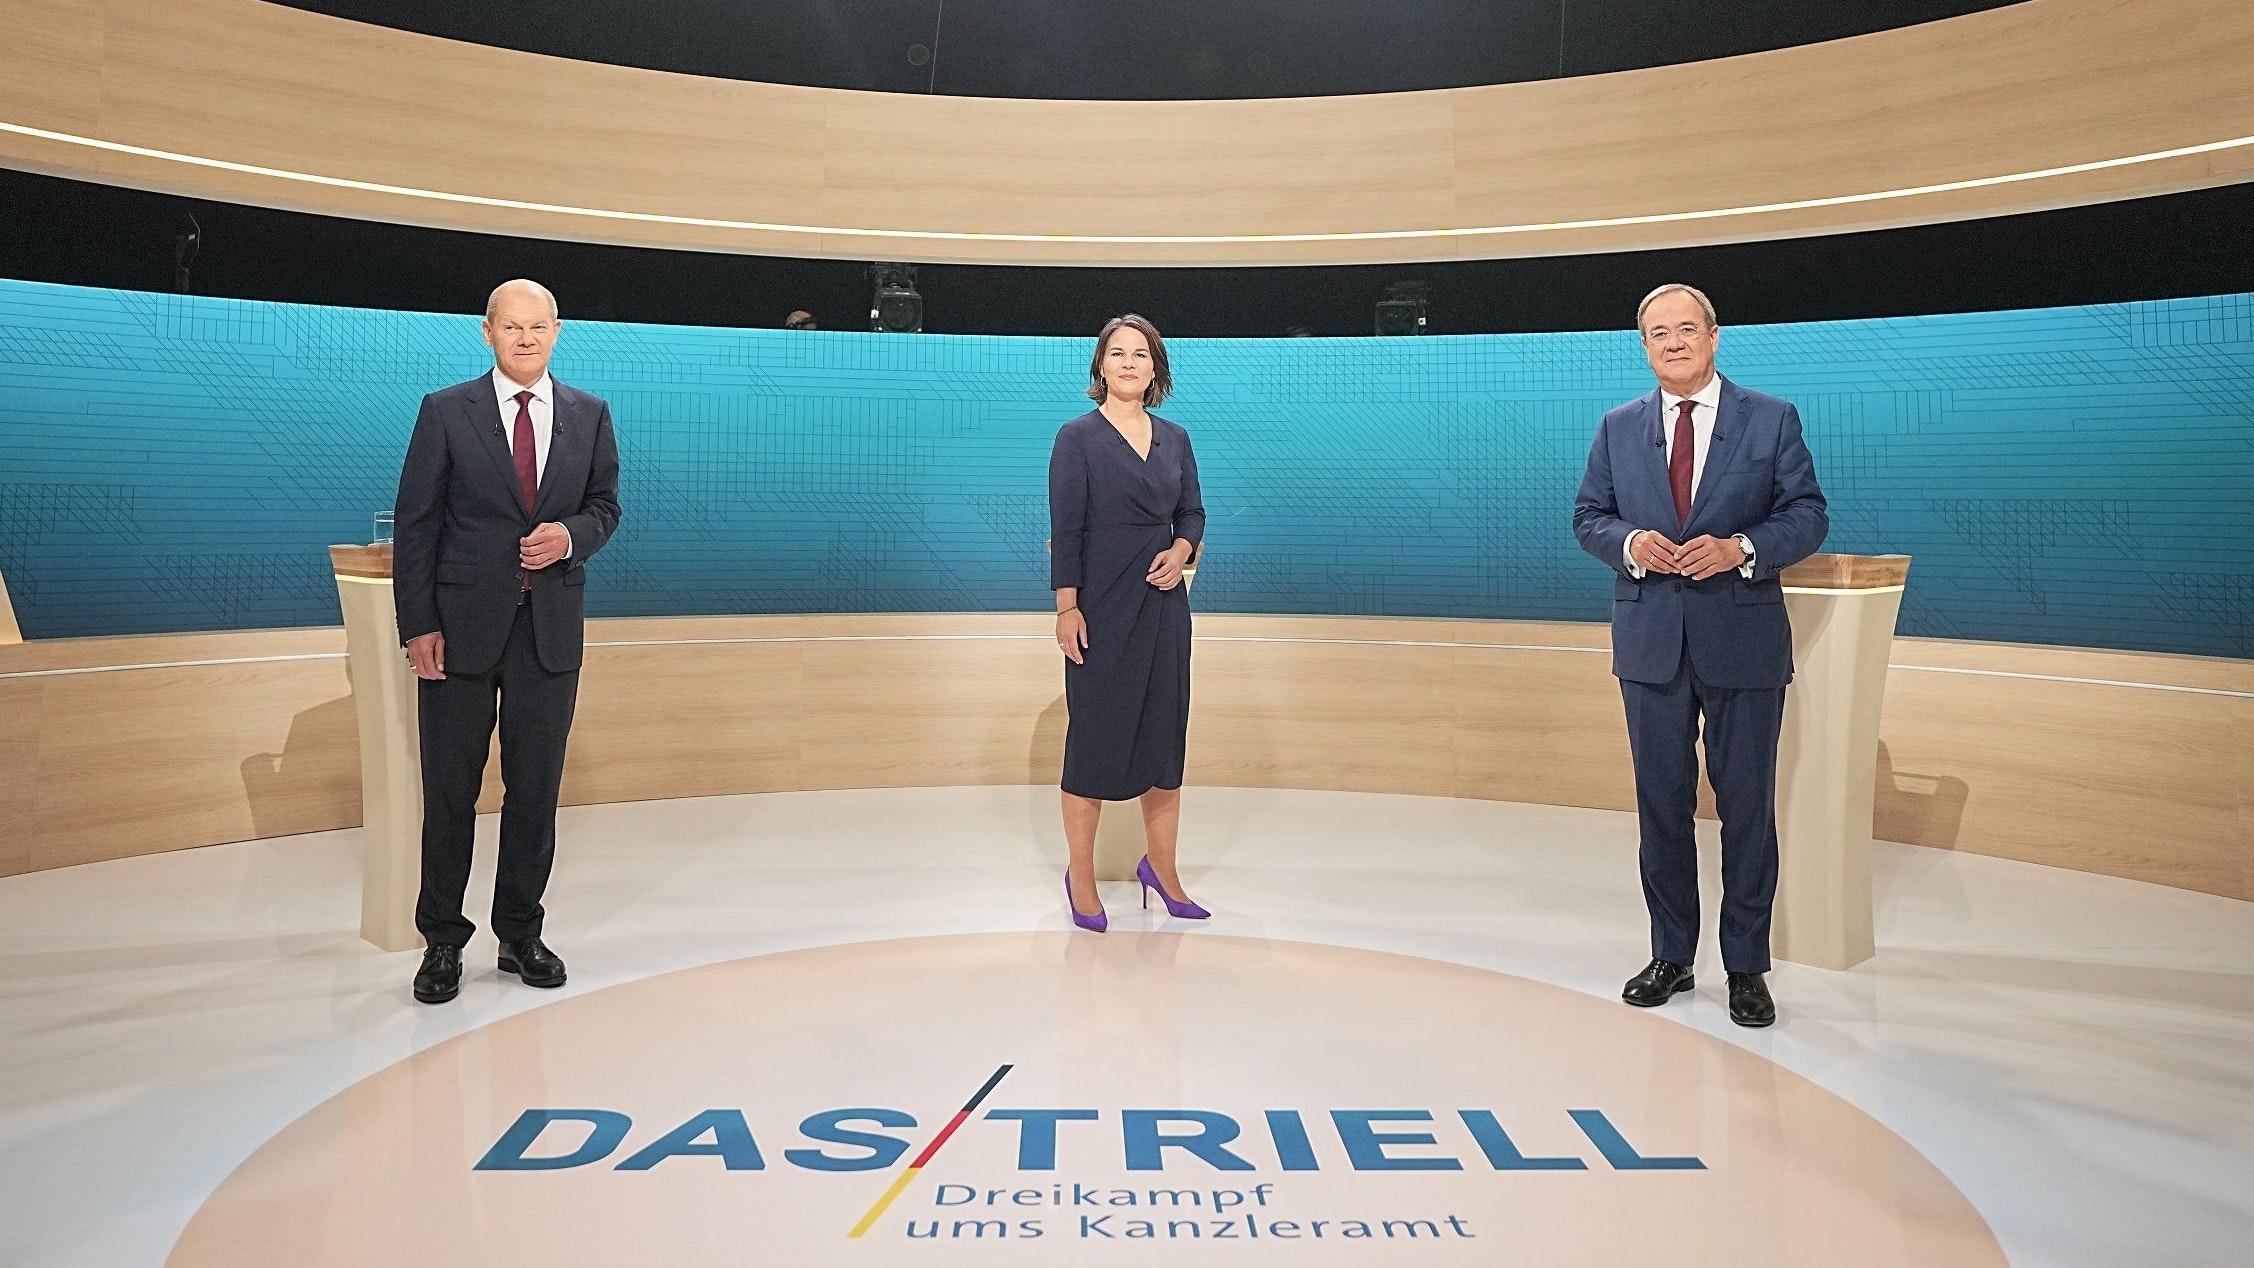 Die Besetzung des Triells: (von links) Kanzlerkandidat Olaf Scholz (SPD), Kanzlerkandidatin Annalena Baerbock (Bündnis90/Die Grünen) und Kanzlerkandidat Armin Laschet (CDU) im Fernsehstudio. Foto: dpa/Kappeler